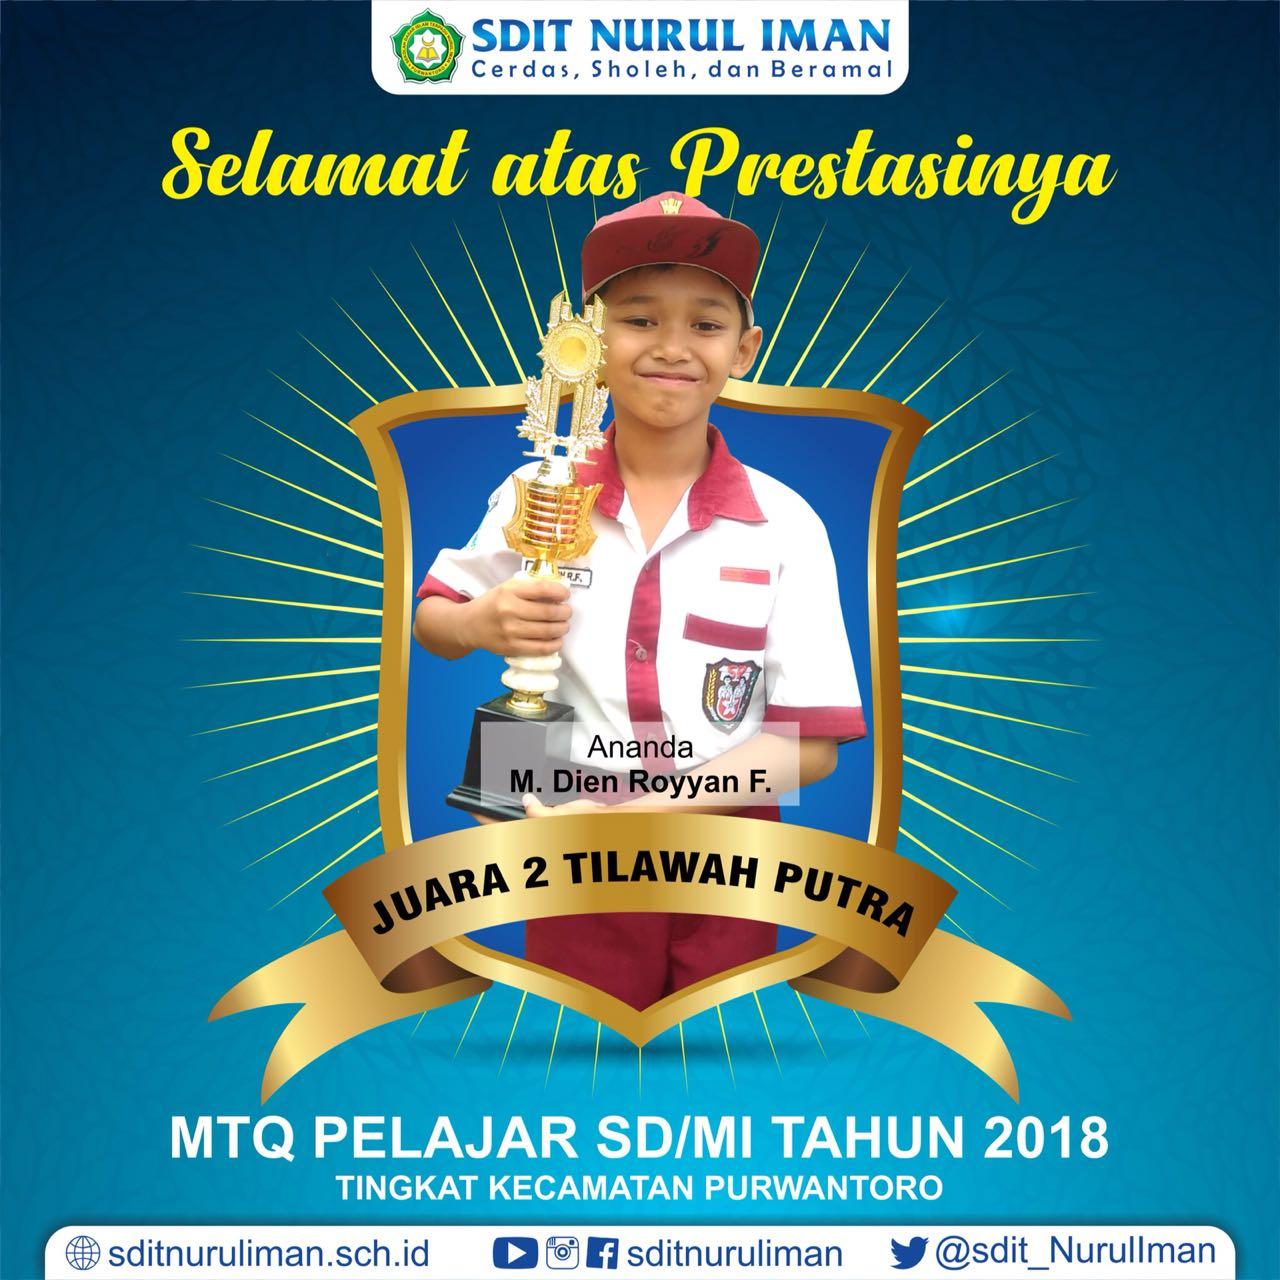 Juara 2 Tilawah Putra MTQ Pelajar SD/MI Tingkat Kec. Purwantoro